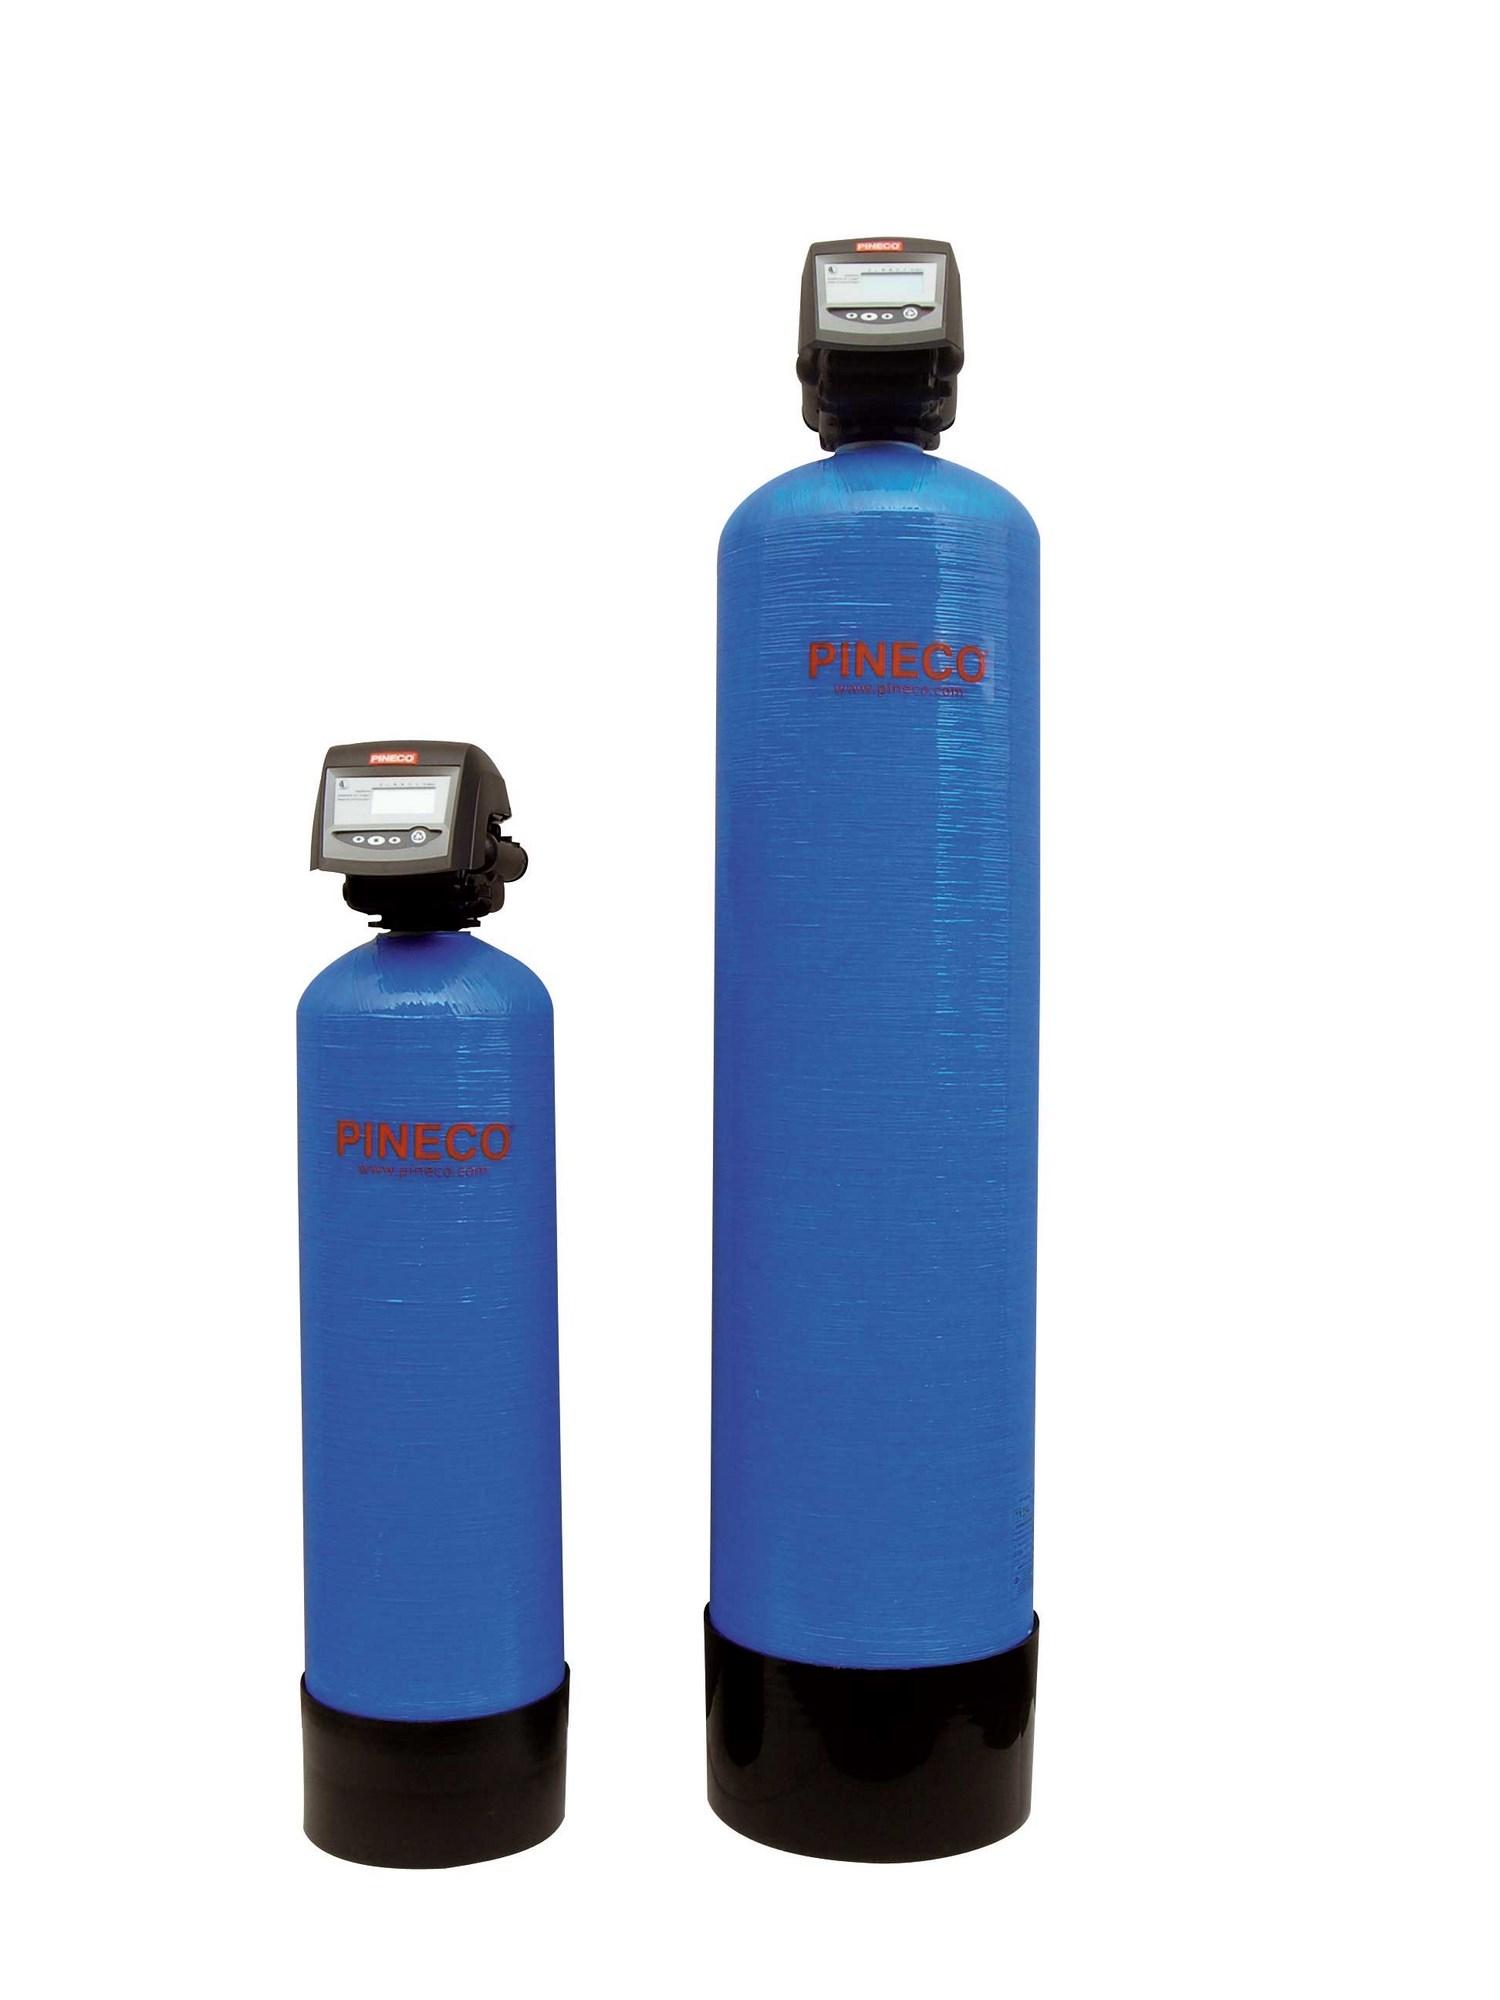 Quarz pineco for Pineco trattamento acqua